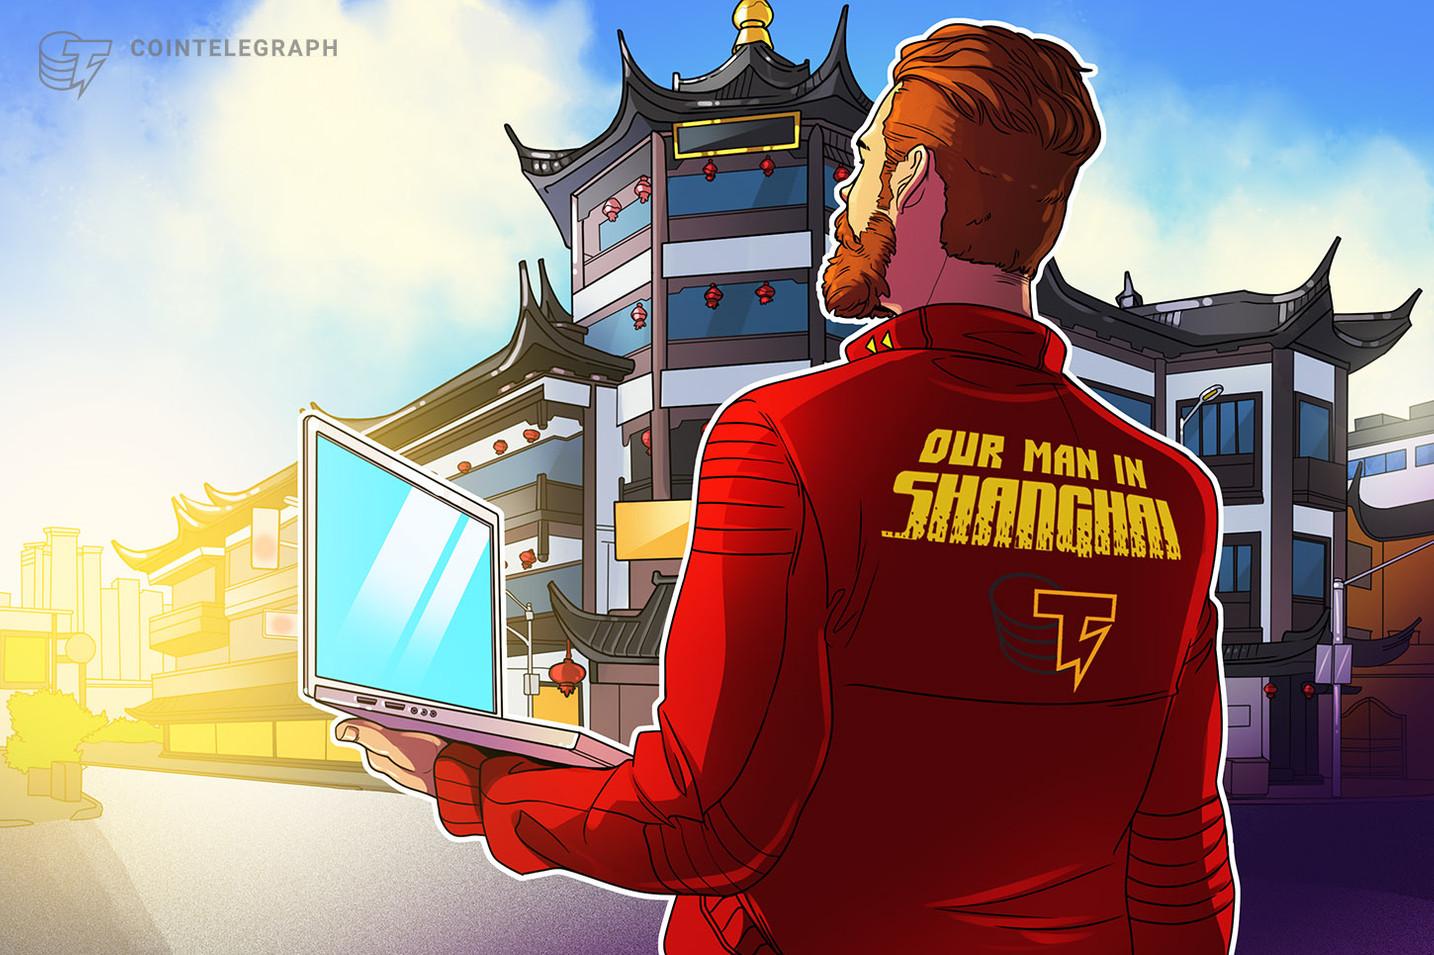 Người đàn ông Thượng Hải: Truyền thông tiền điện tử đóng cửa, tin xấu lặp lại, luật khai thác có lợi?